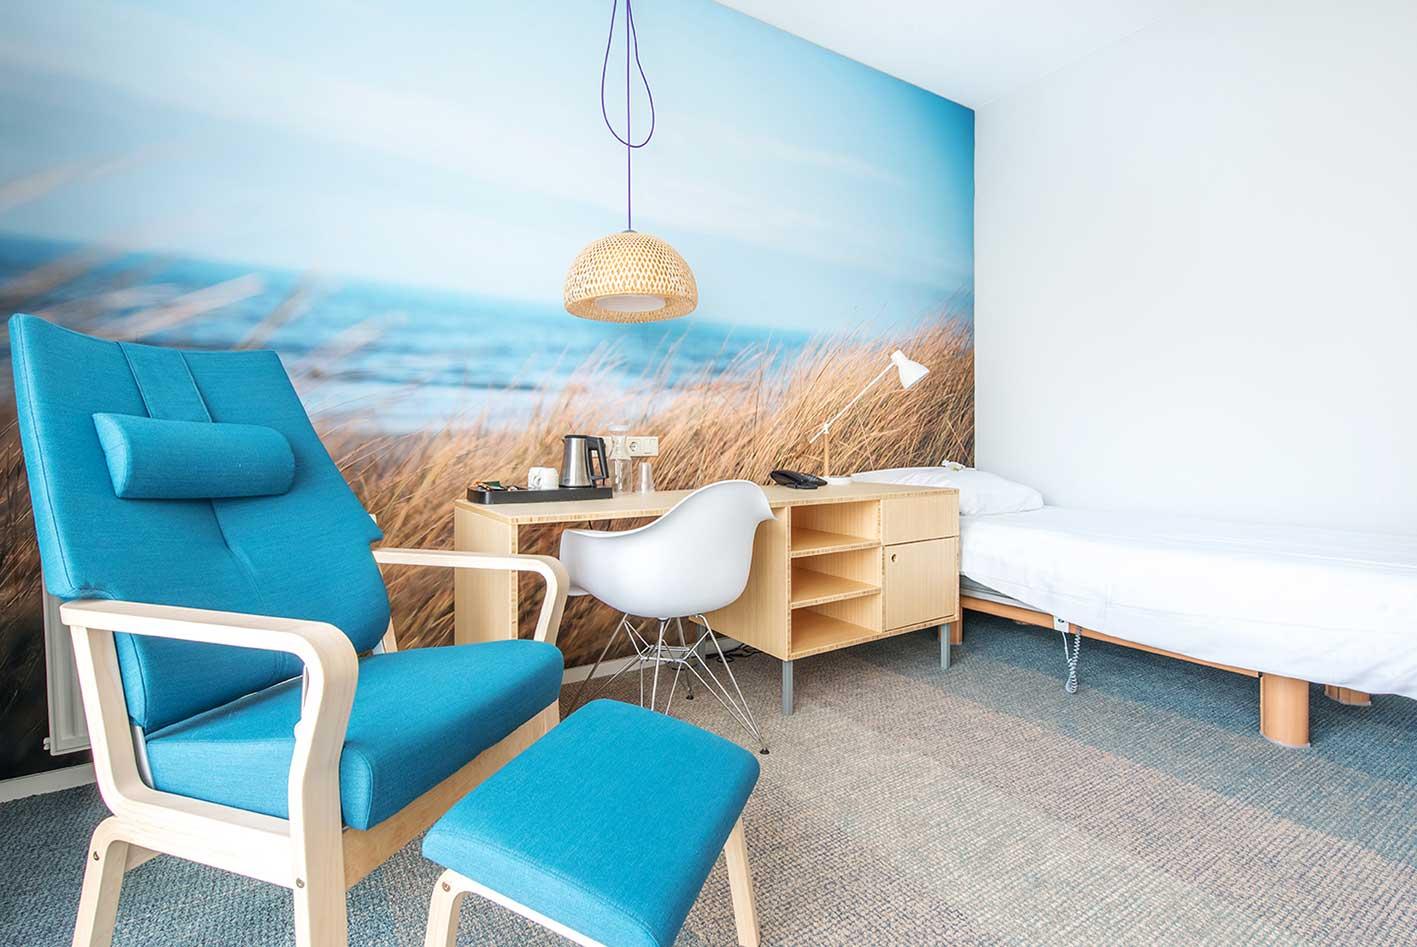 bedrijfsfotografie en portretfotografie zorghotel de kim noordwijk aan zee